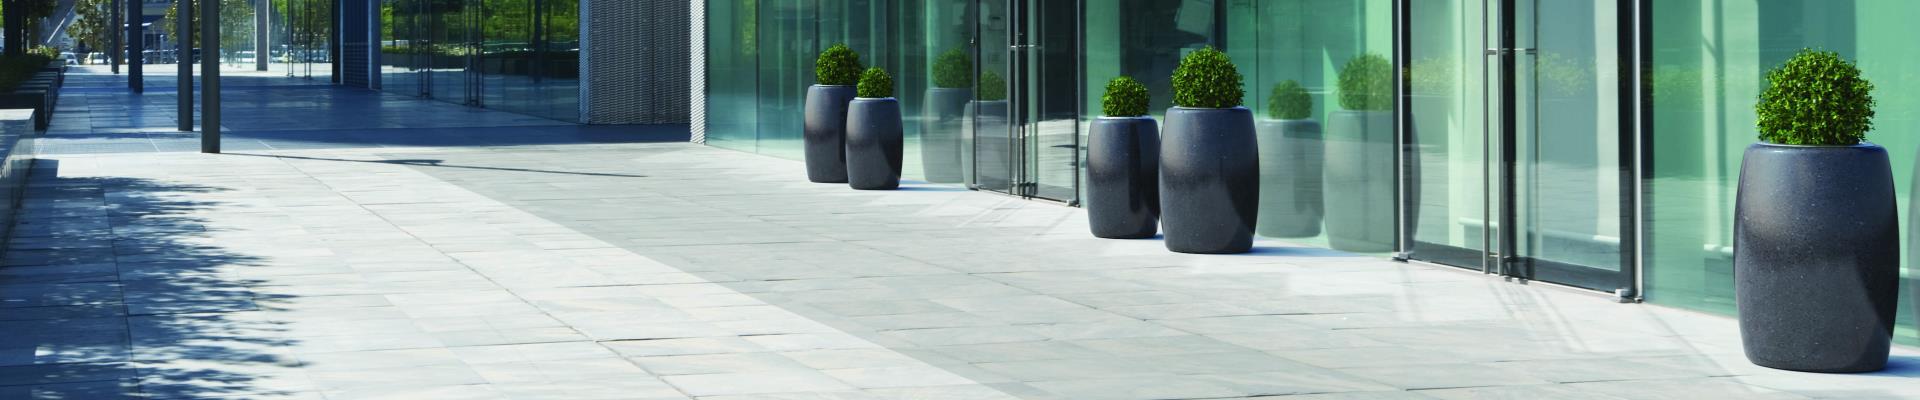 Jardineras cilíndricas de piedra de calidad.